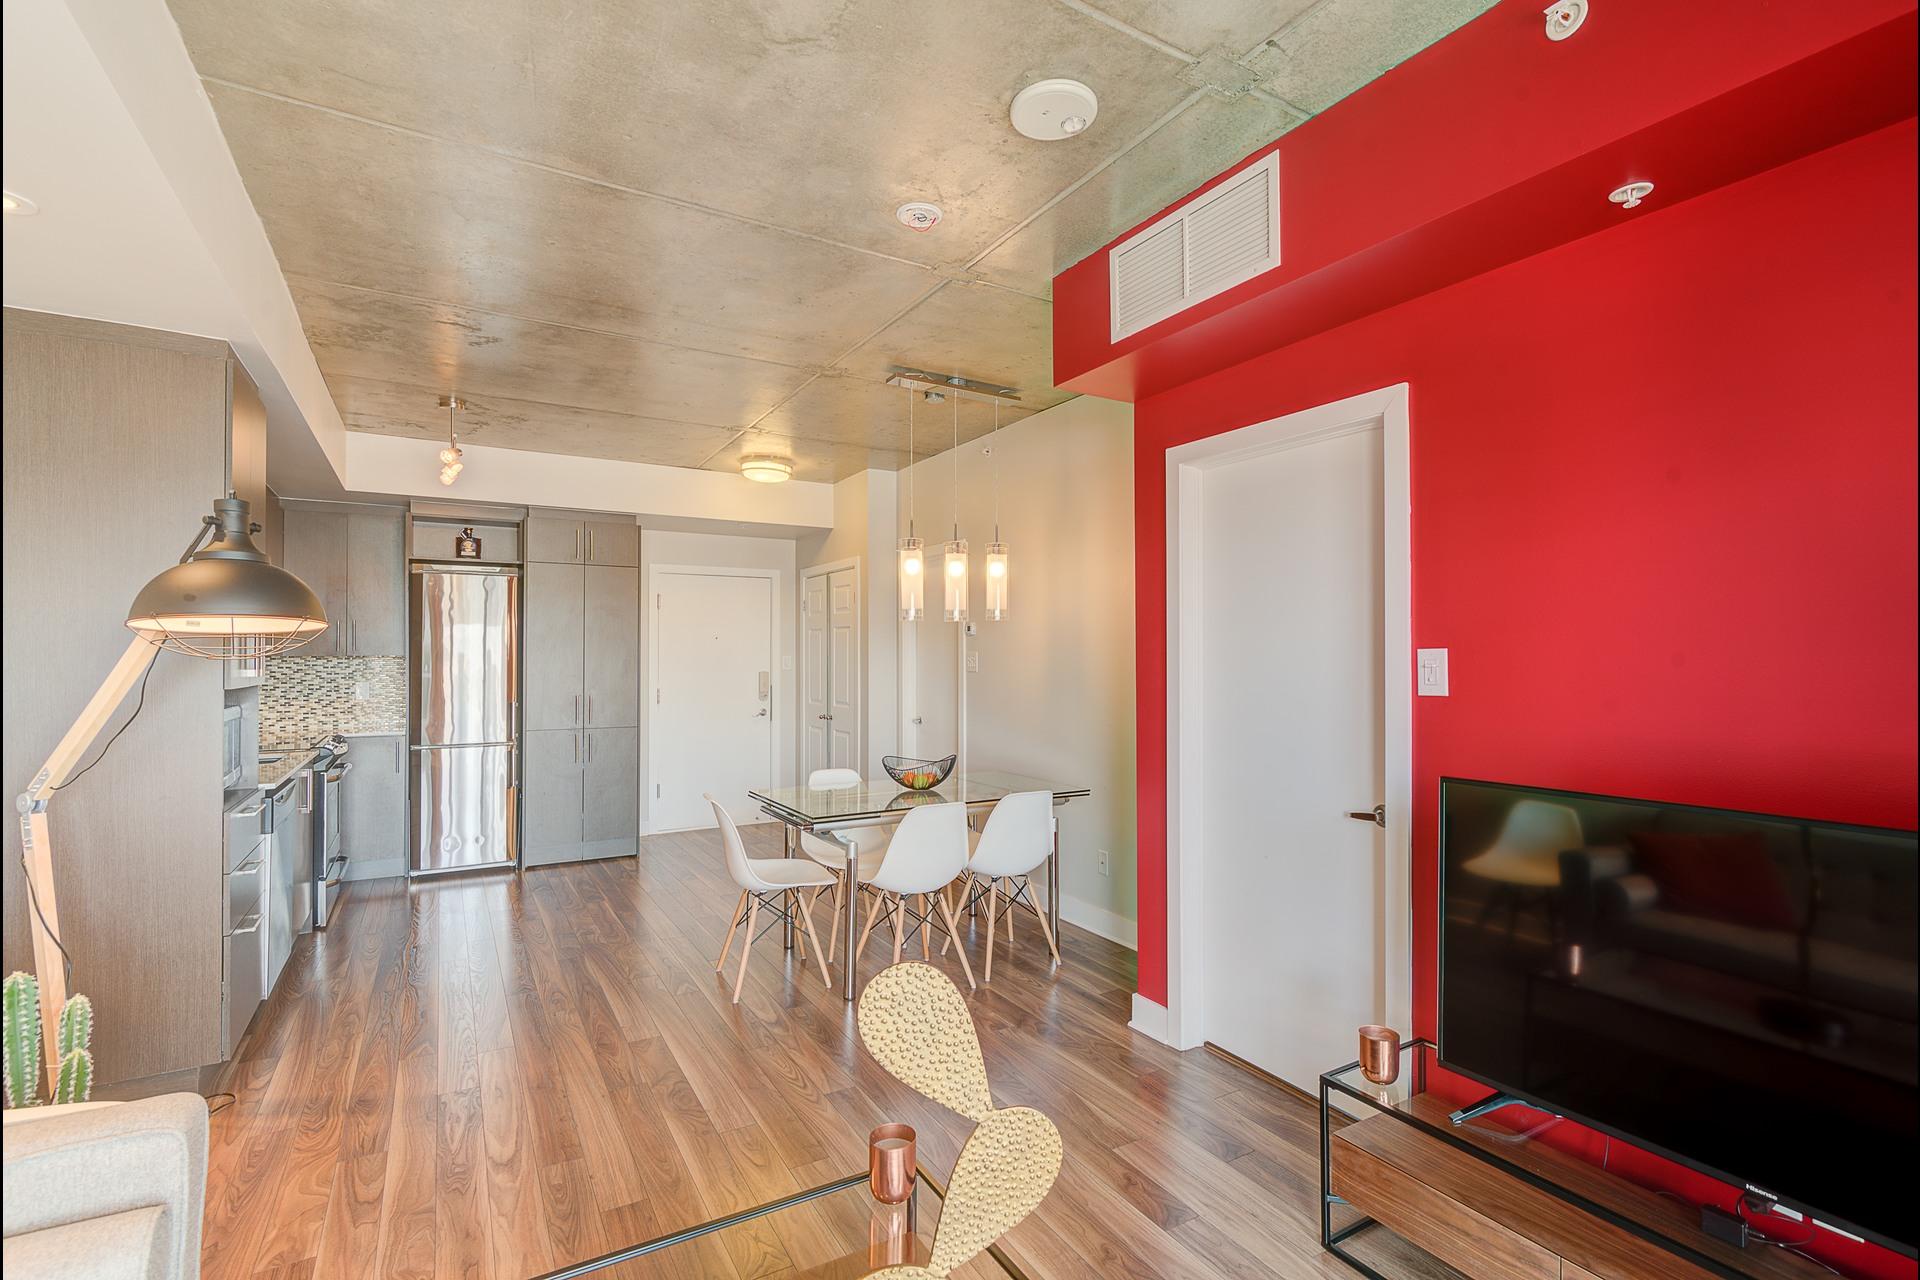 image 8 - MX - Condominio vertical - MX Para alquiler Montréal - 3 habitaciones